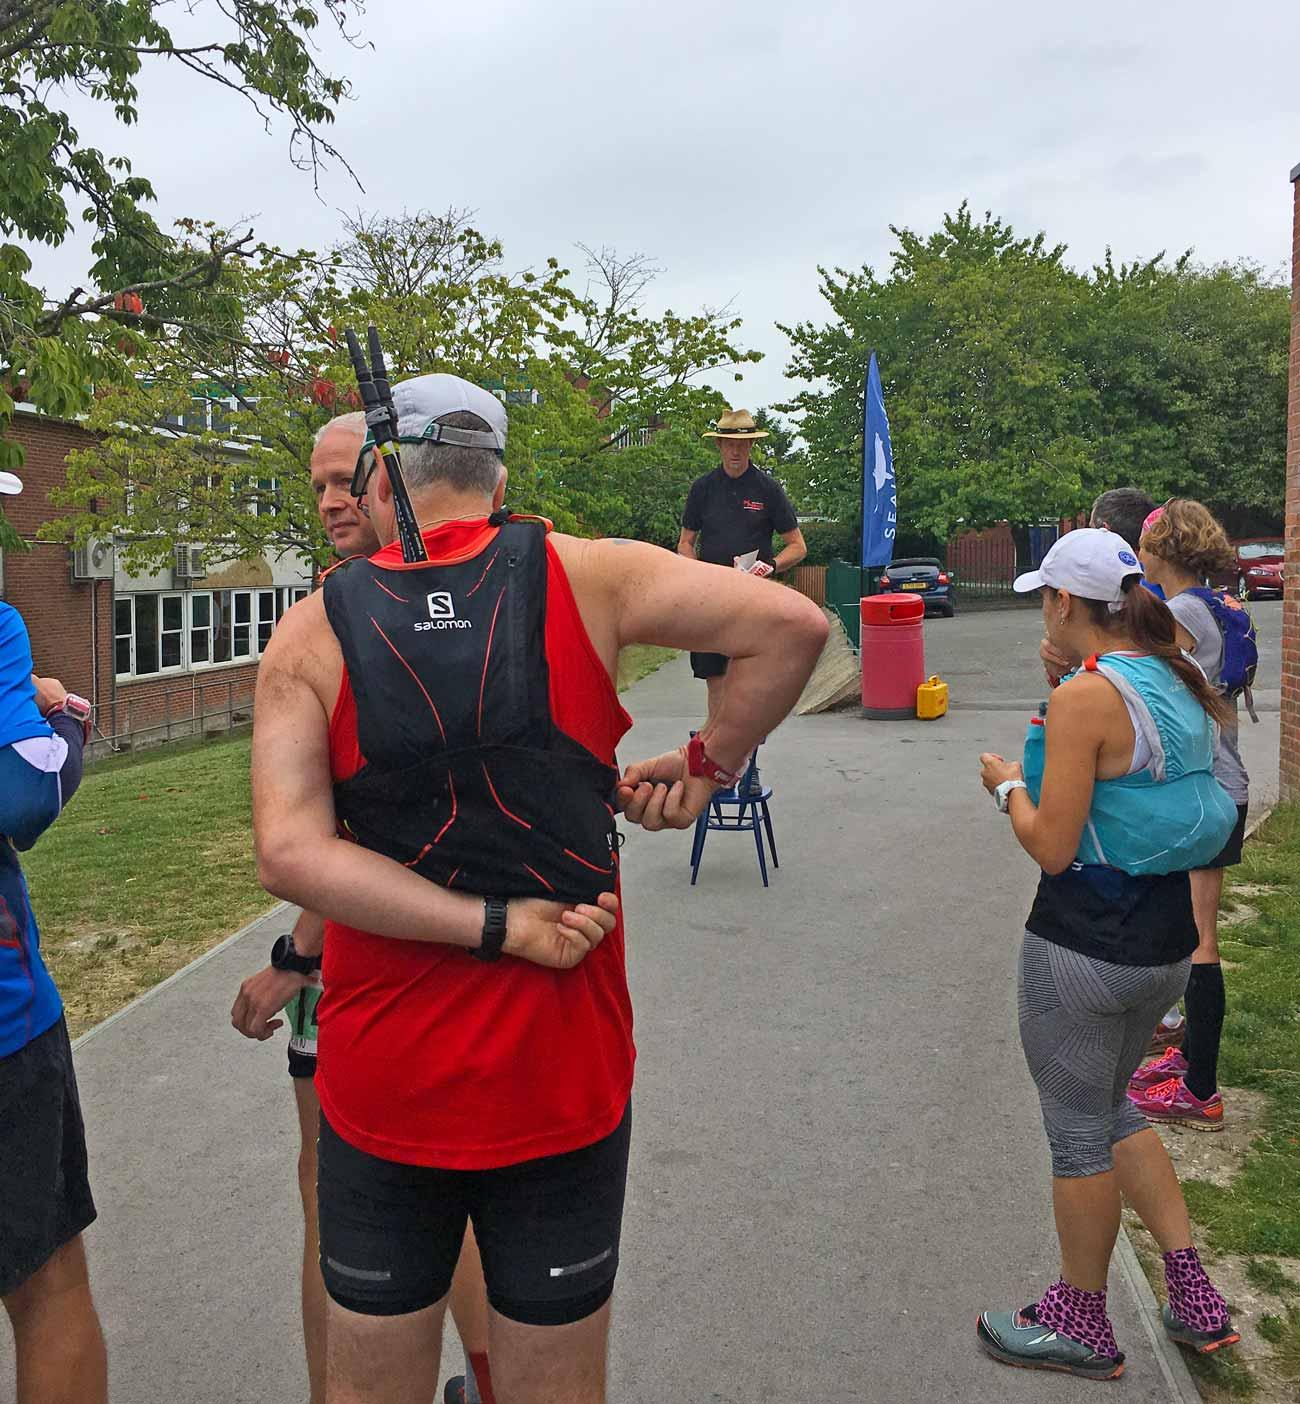 Chilterns challenge ultra marathon briefing